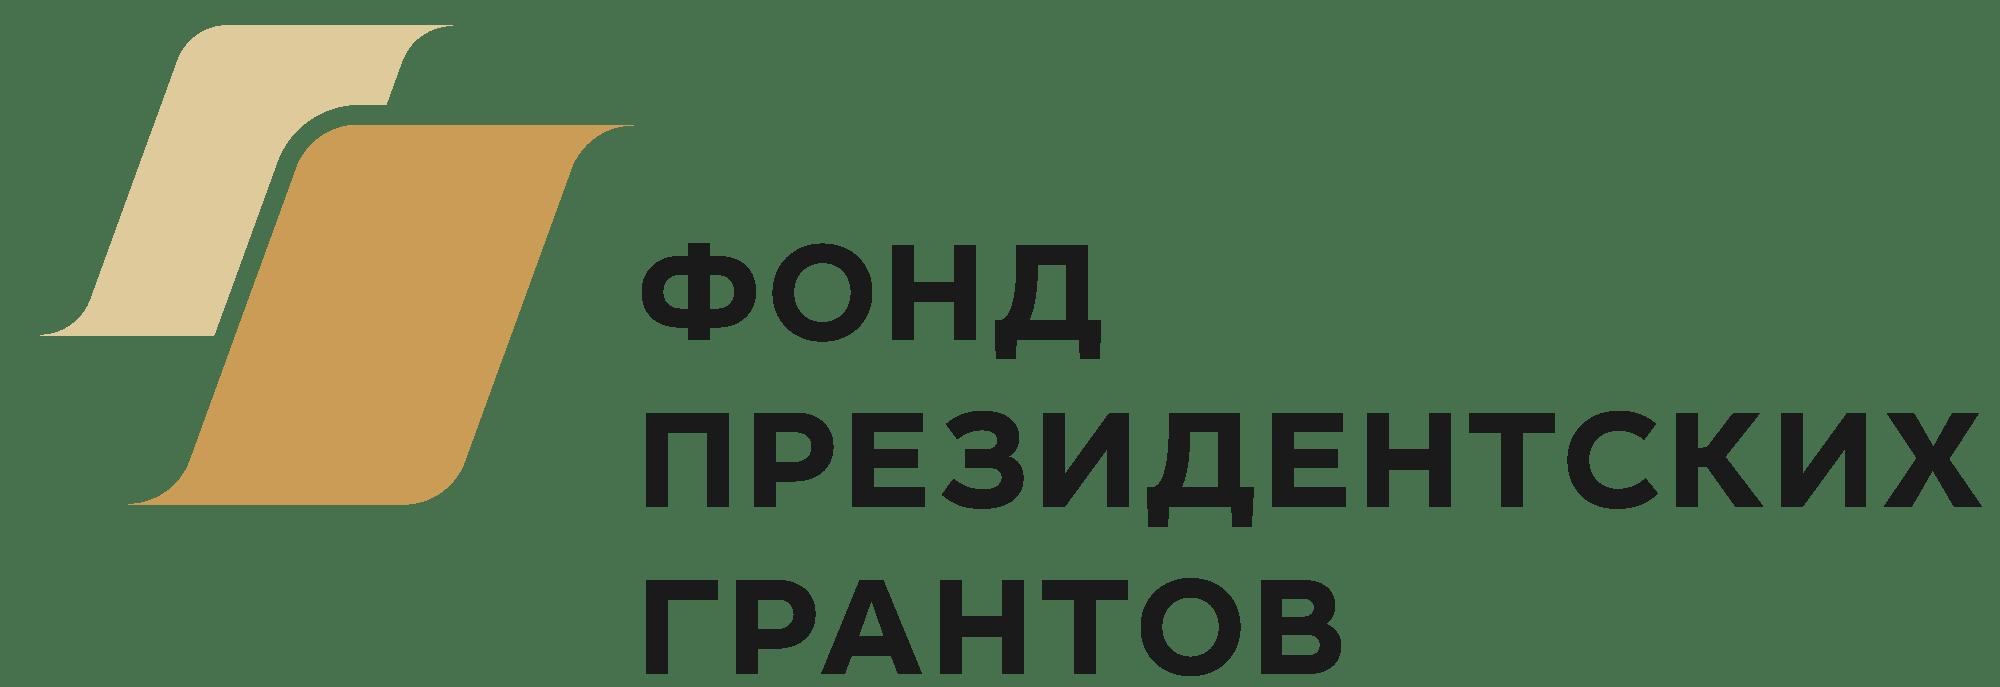 Фонд президентских грантов РФ